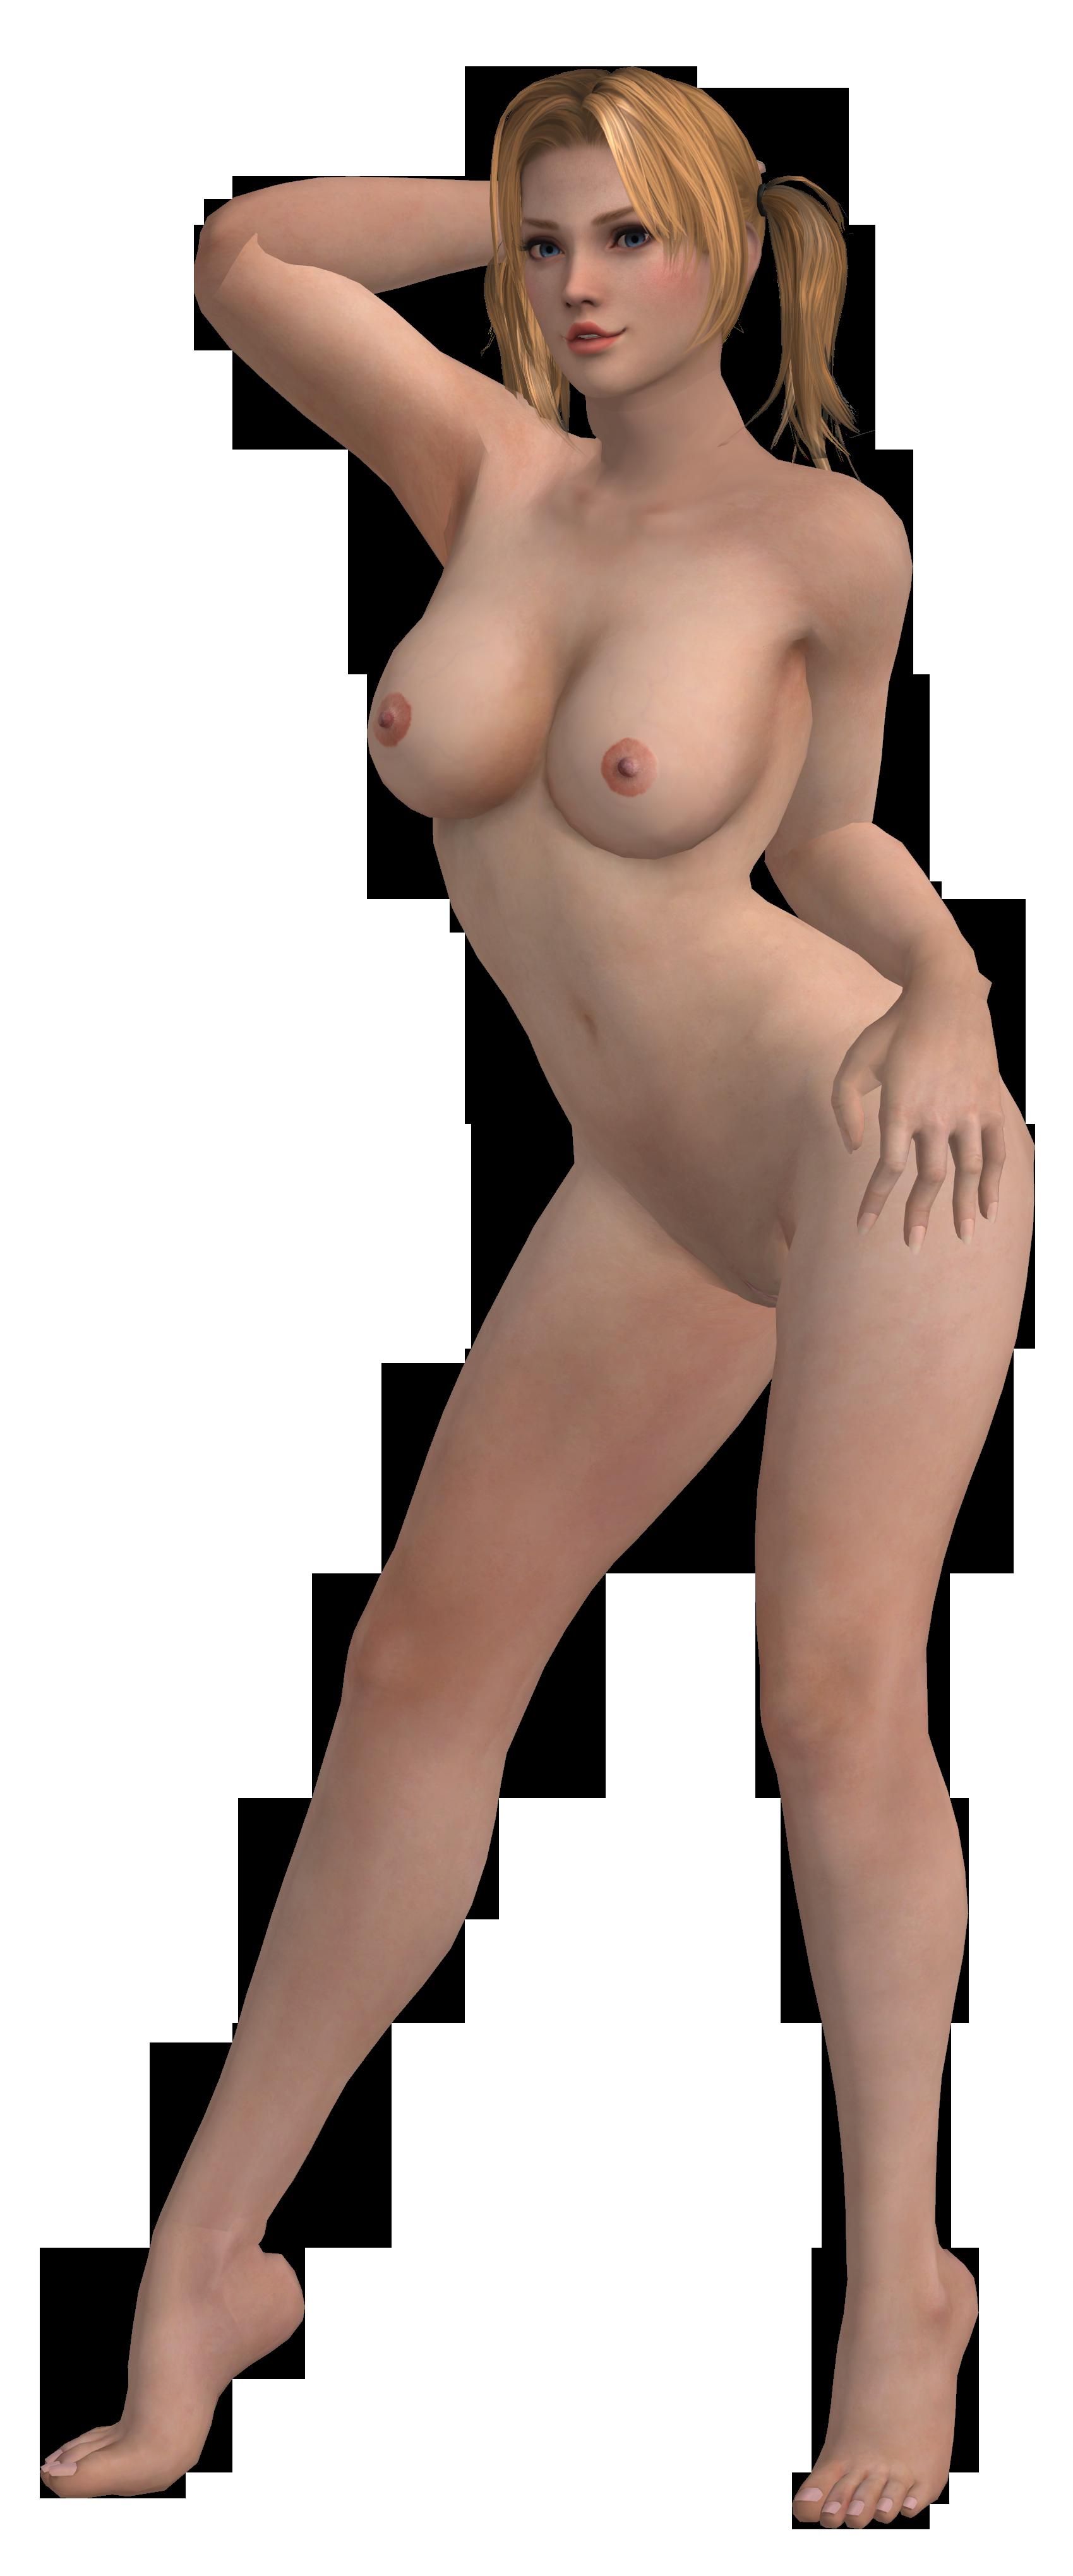 from Brett doa girls hot nude